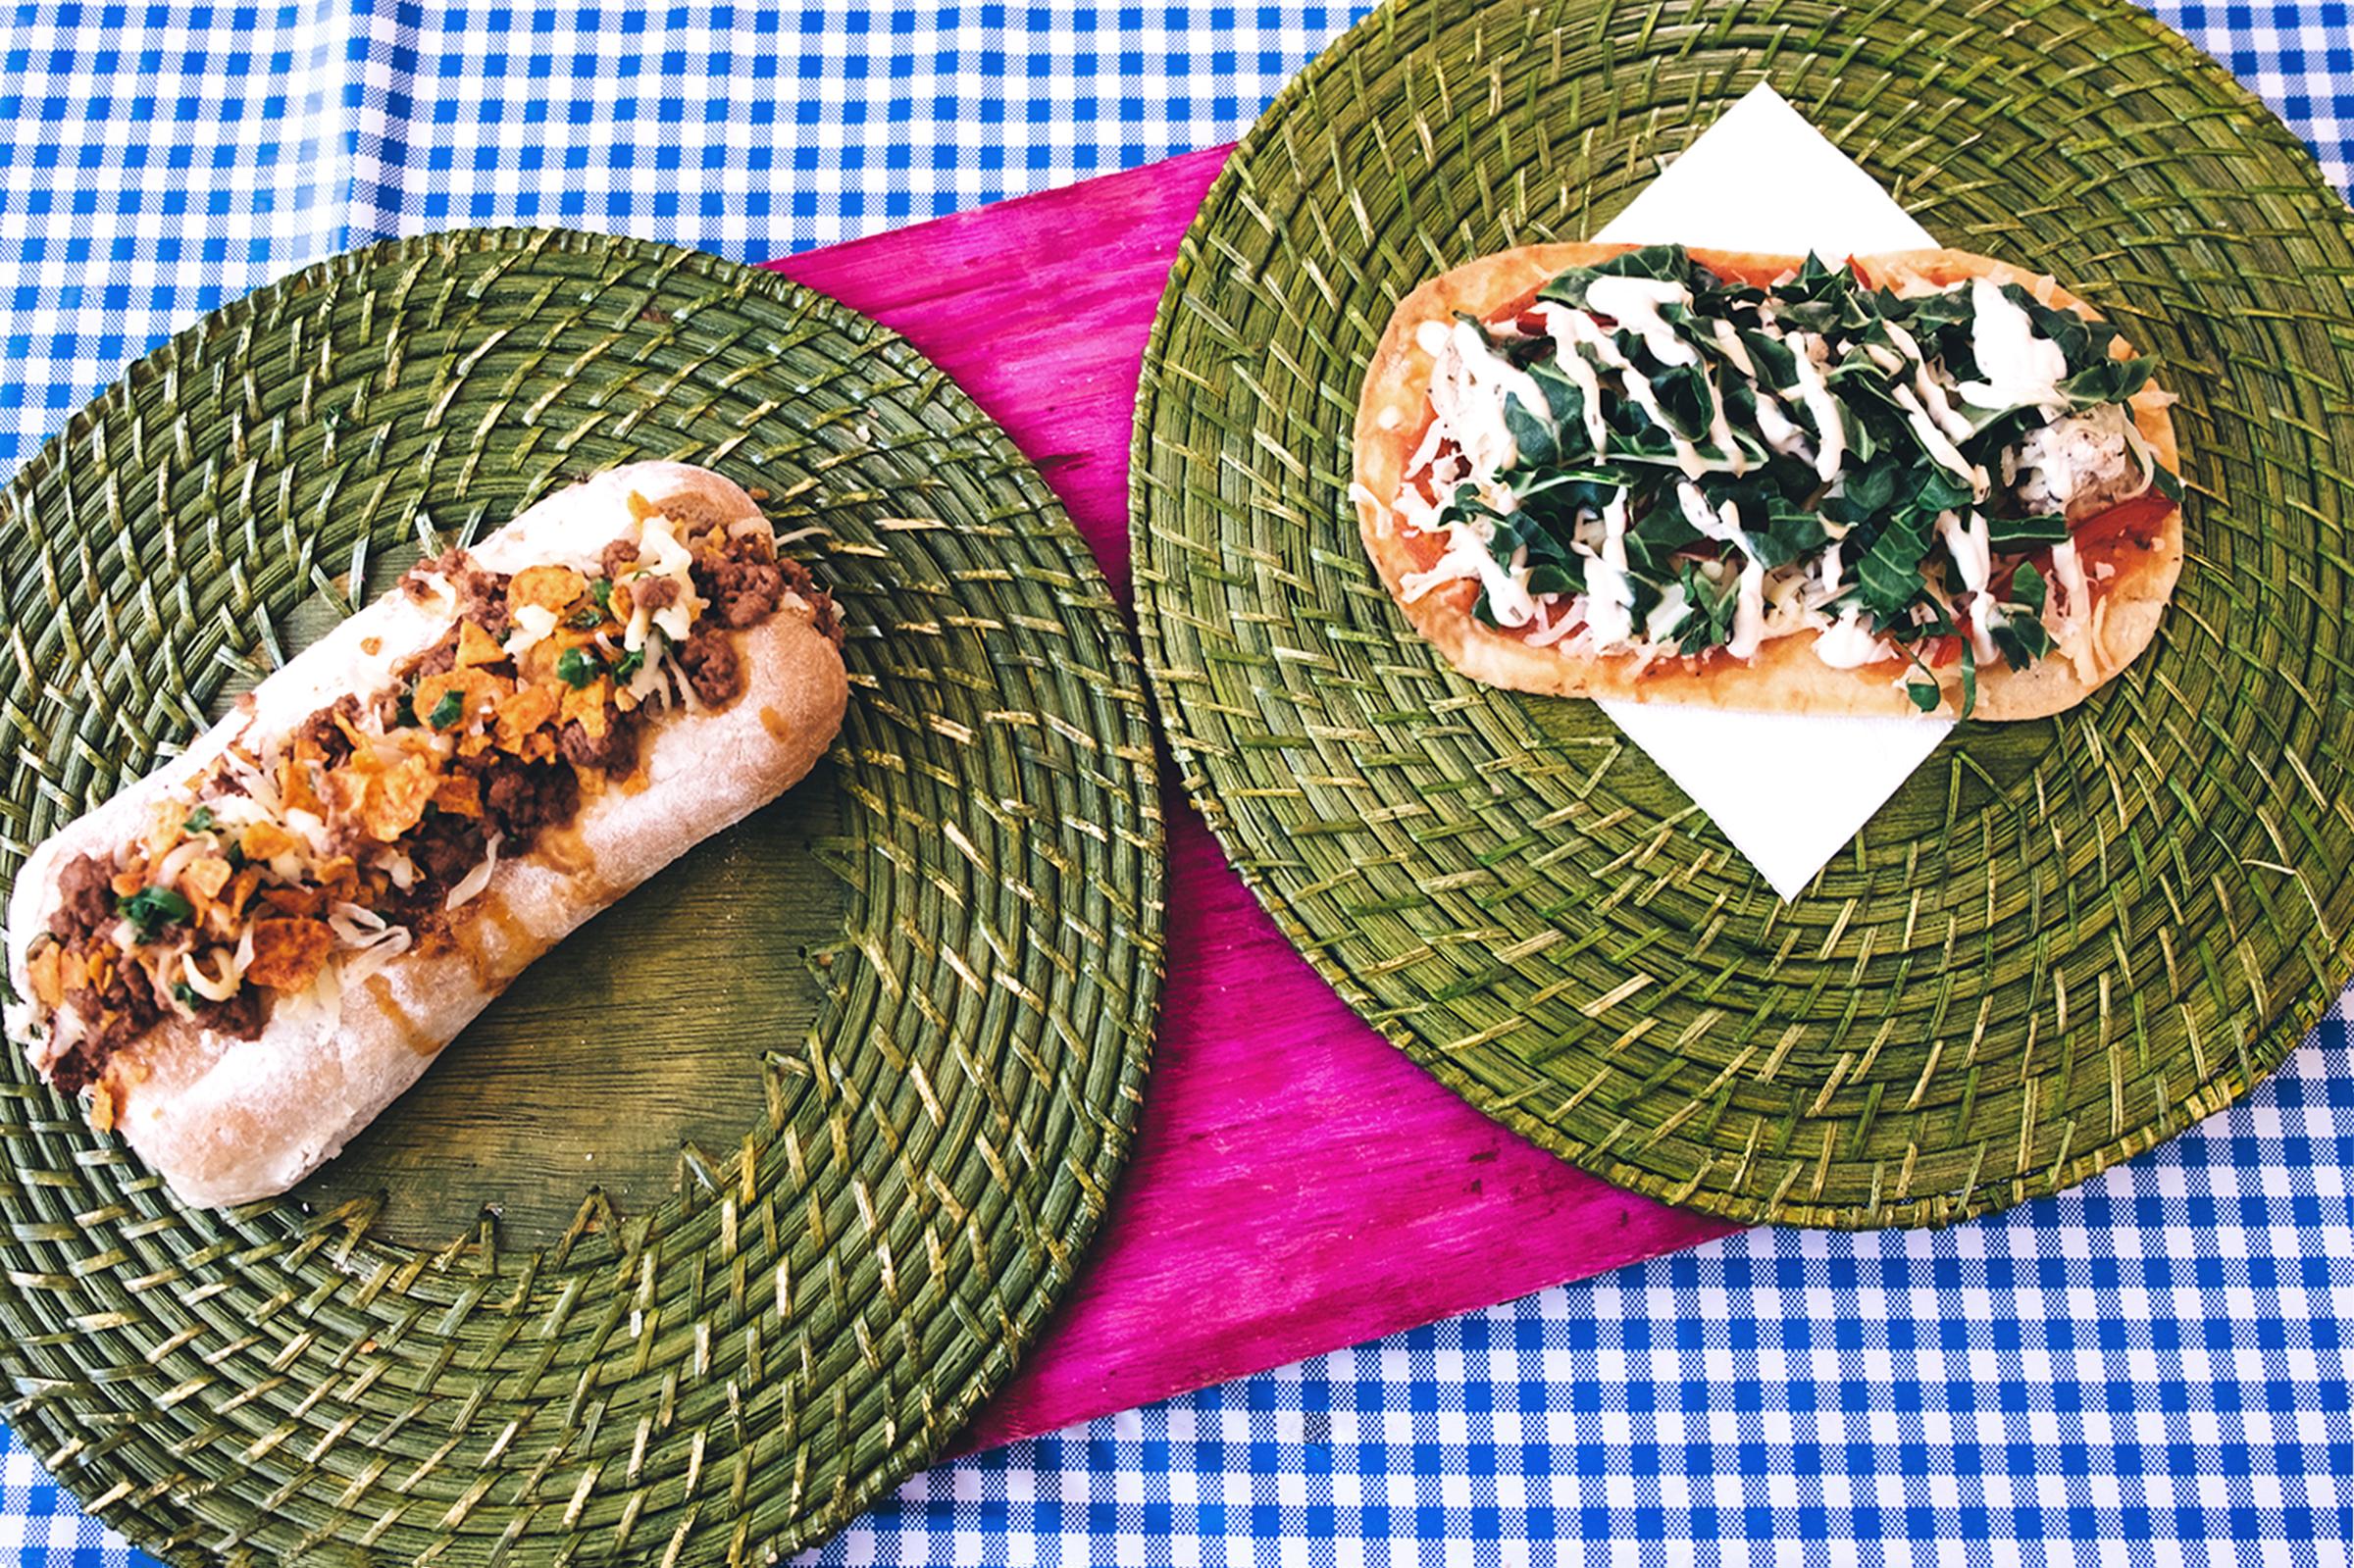 Festival dello street food di Citt del Capo